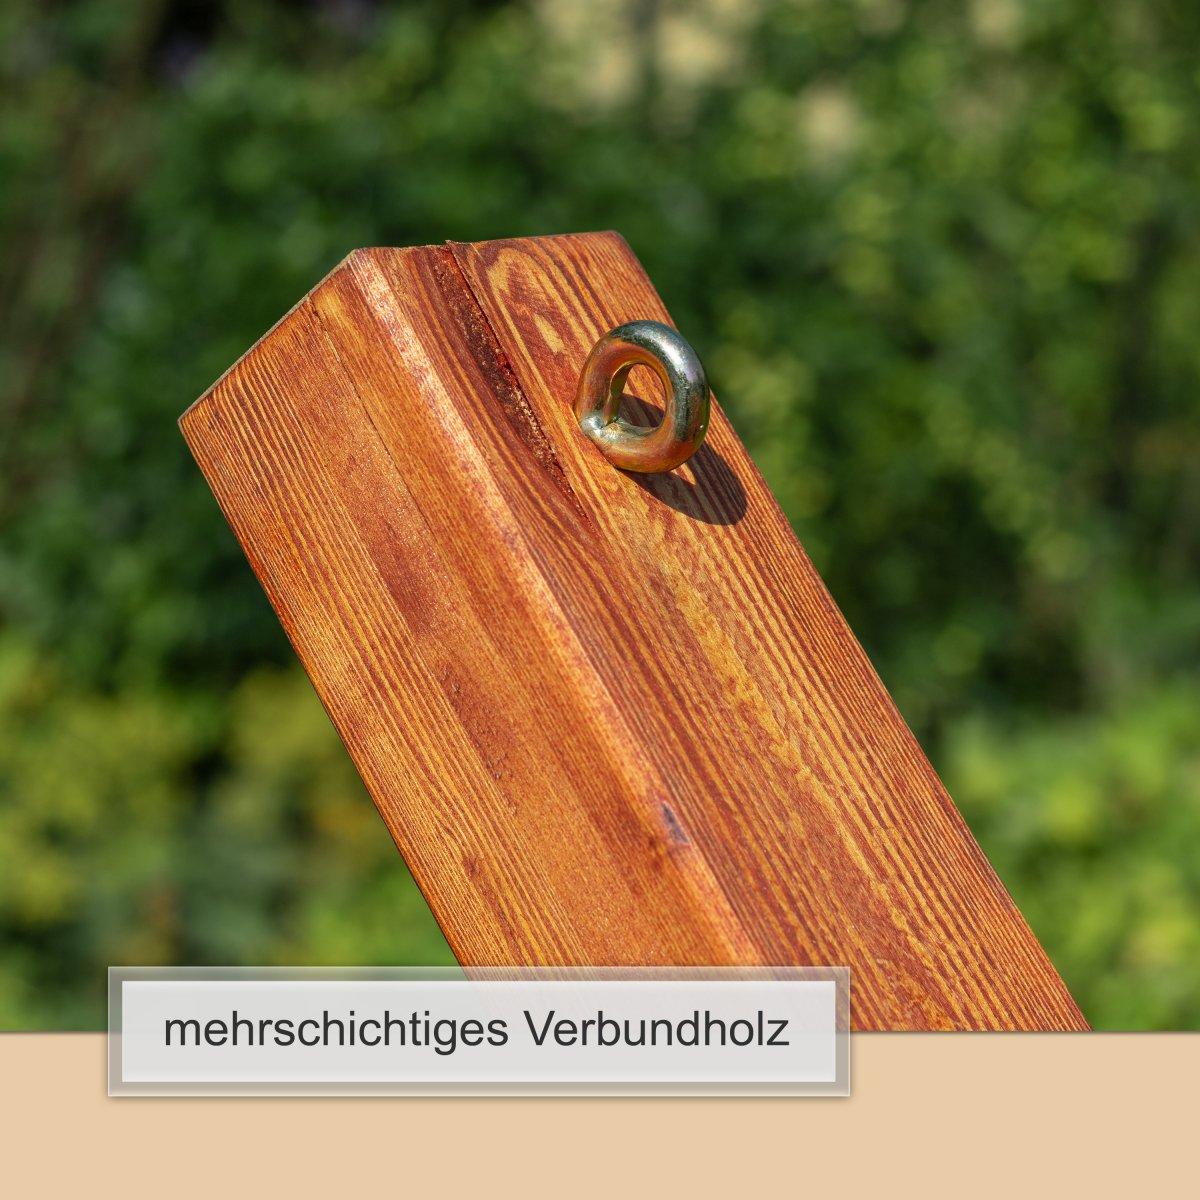 Verbundholz